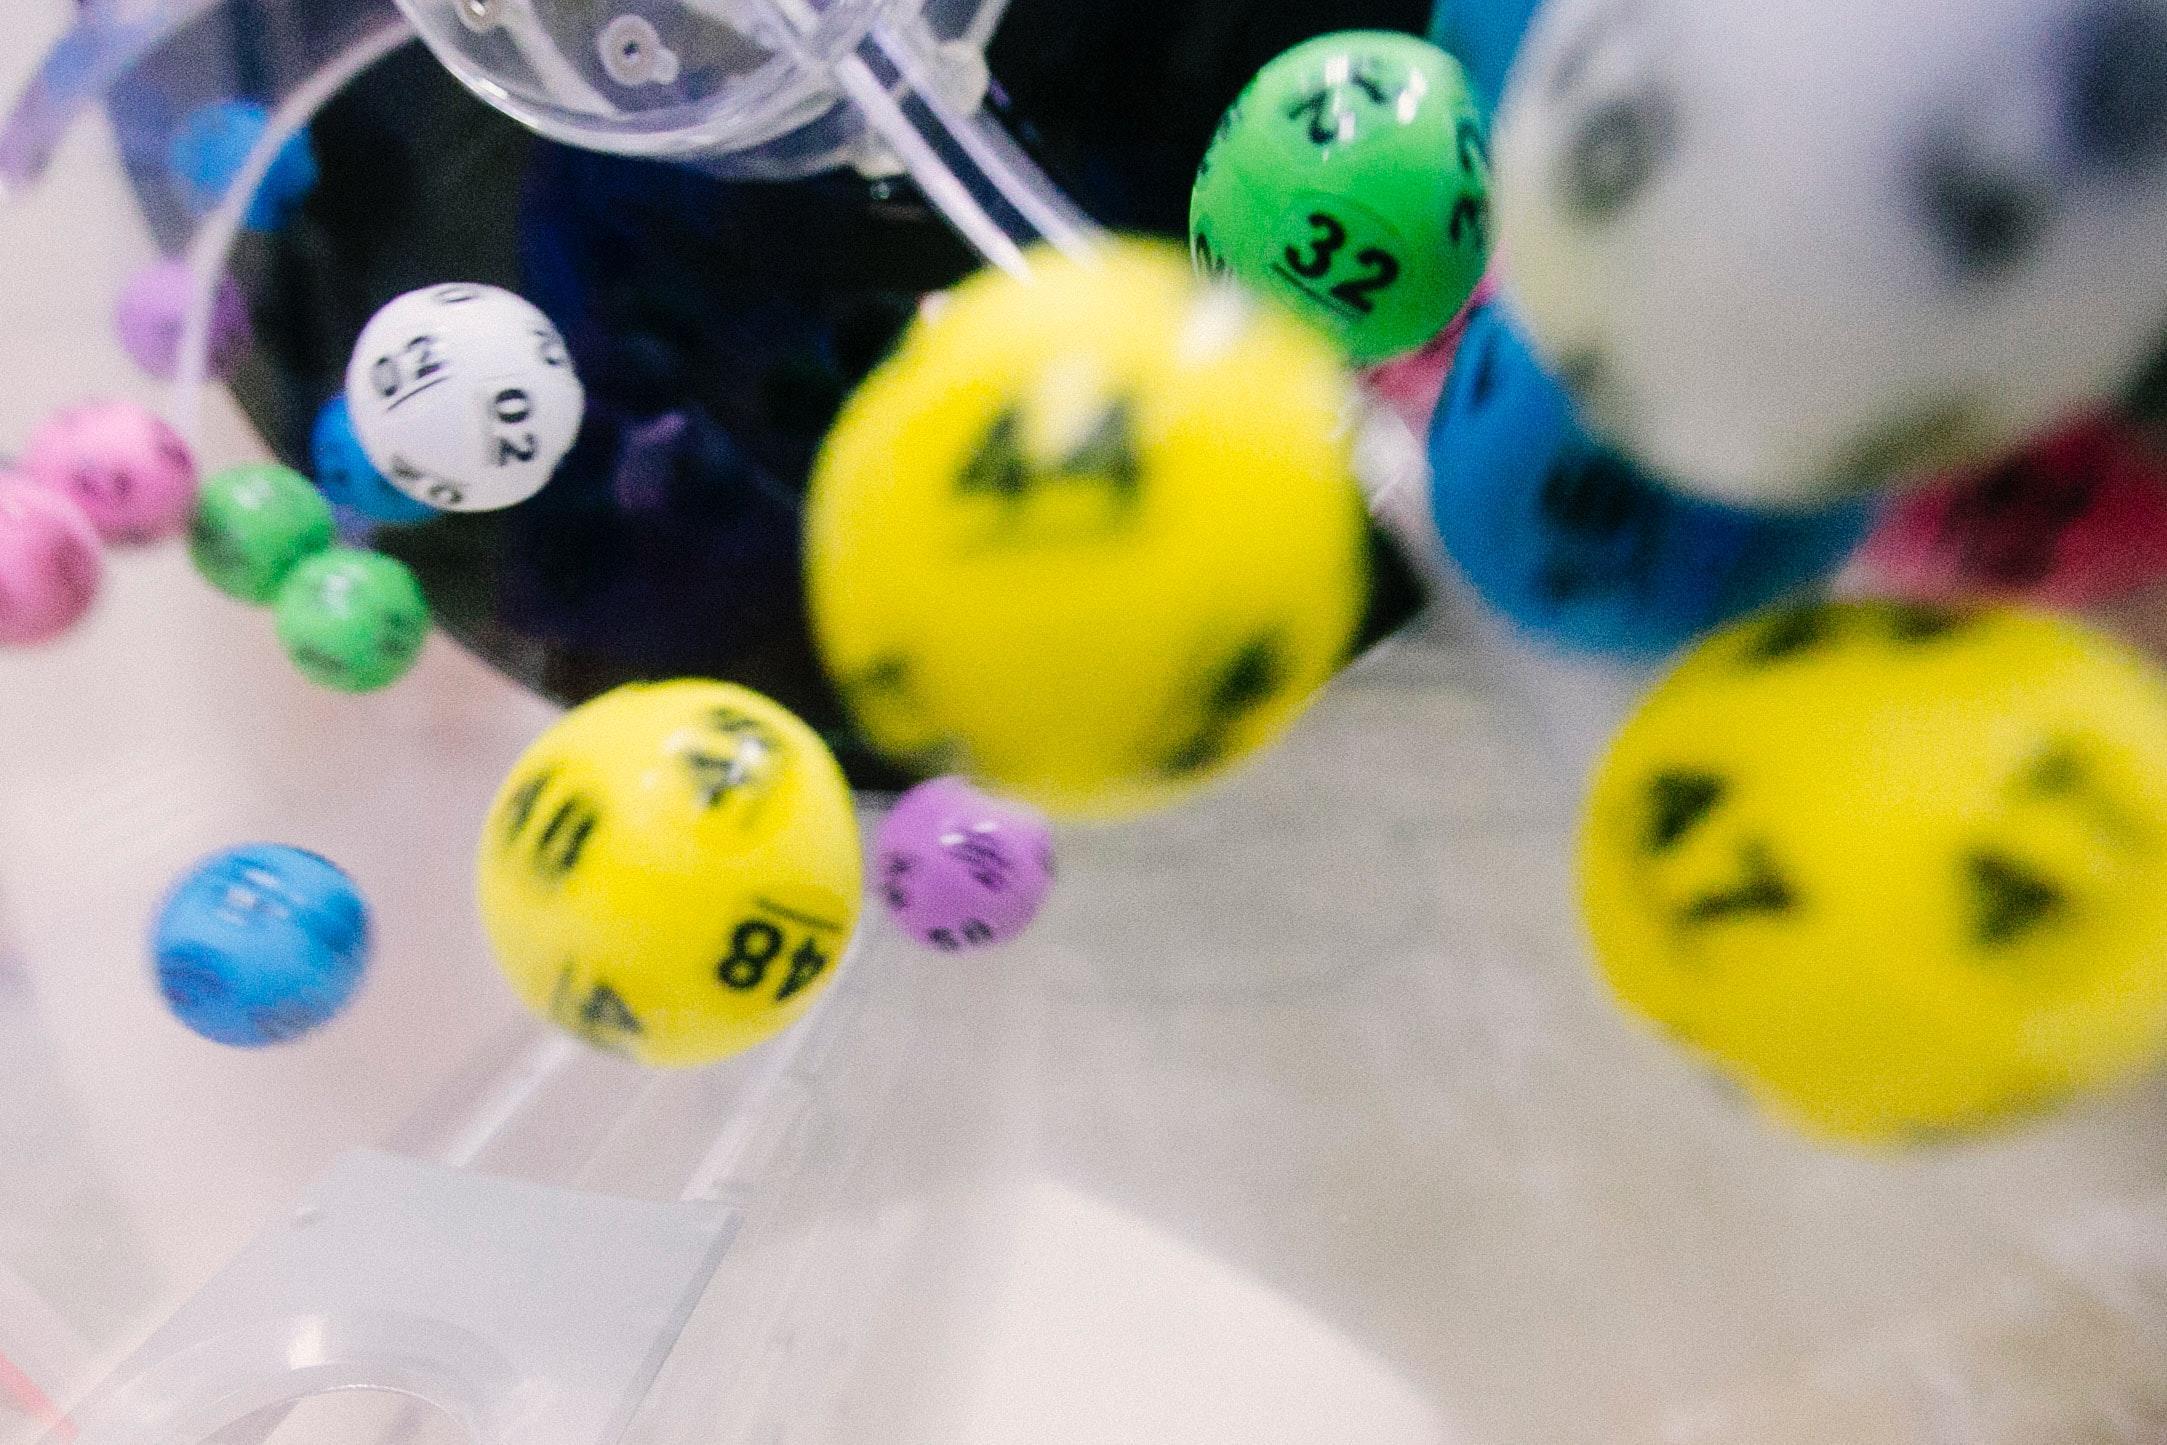 Loteria federal de natal - a imagem mostra diversas bolas numeradas